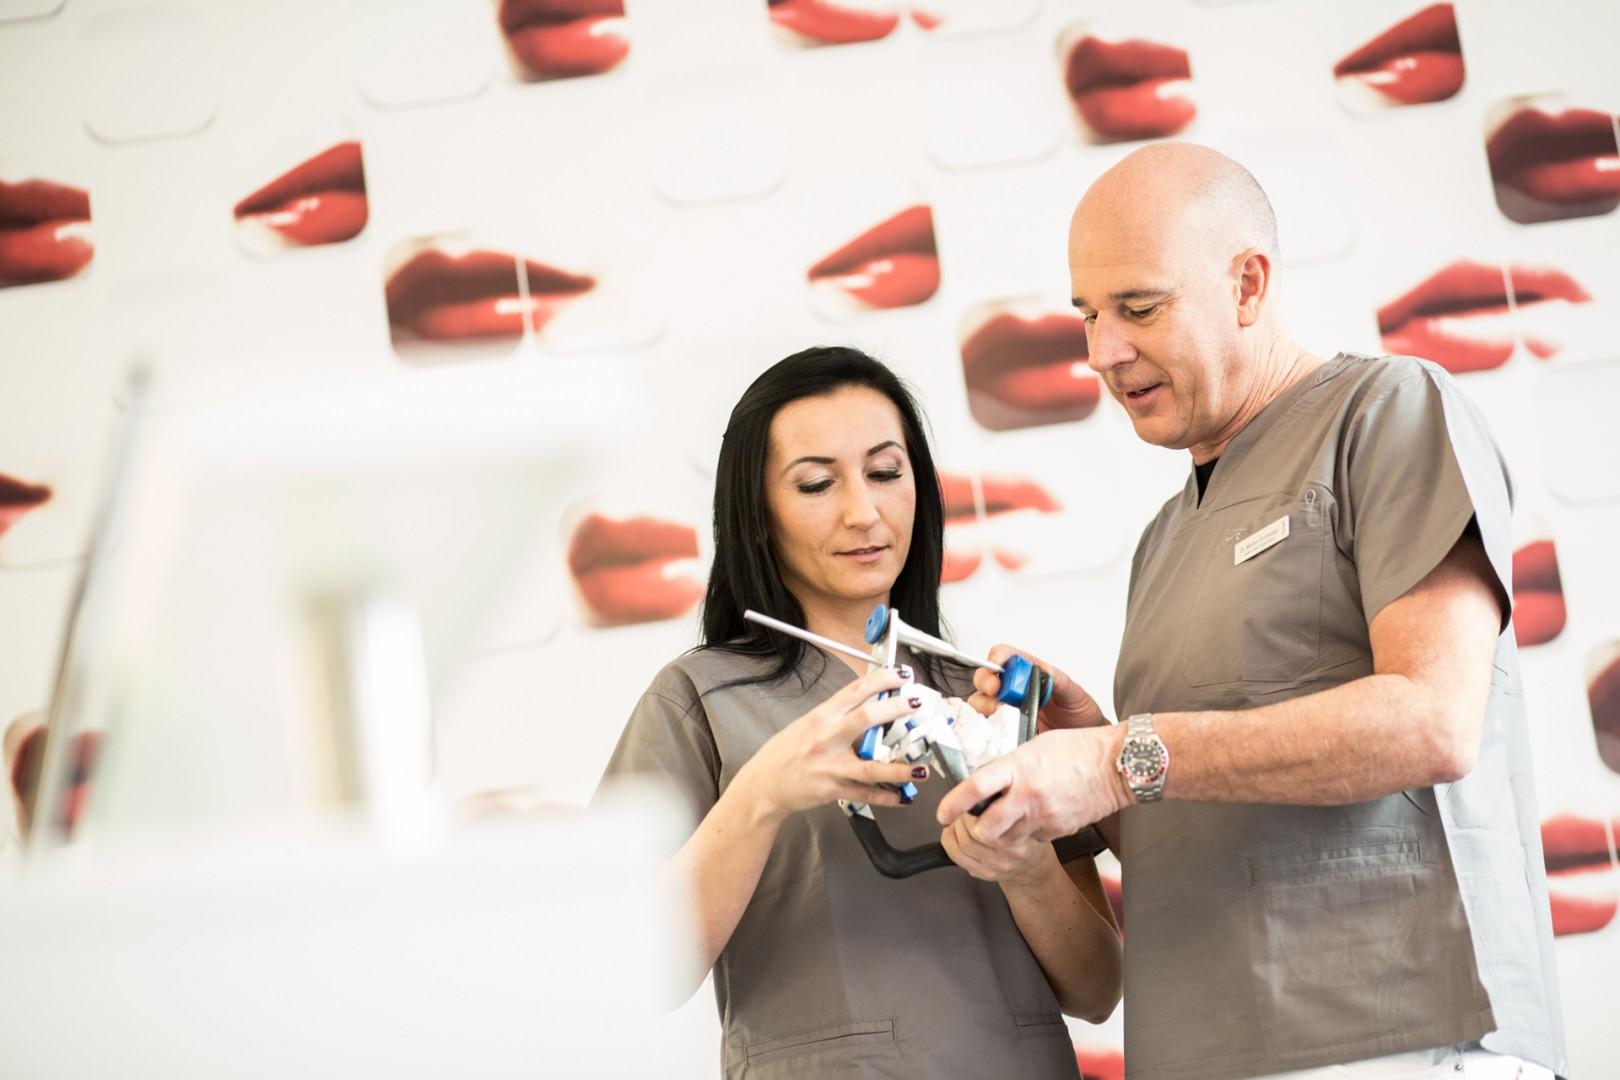 Zahnkultur Köln - Dr. Schneider mit Labor-Mitarbeiterin am Kiefermodell